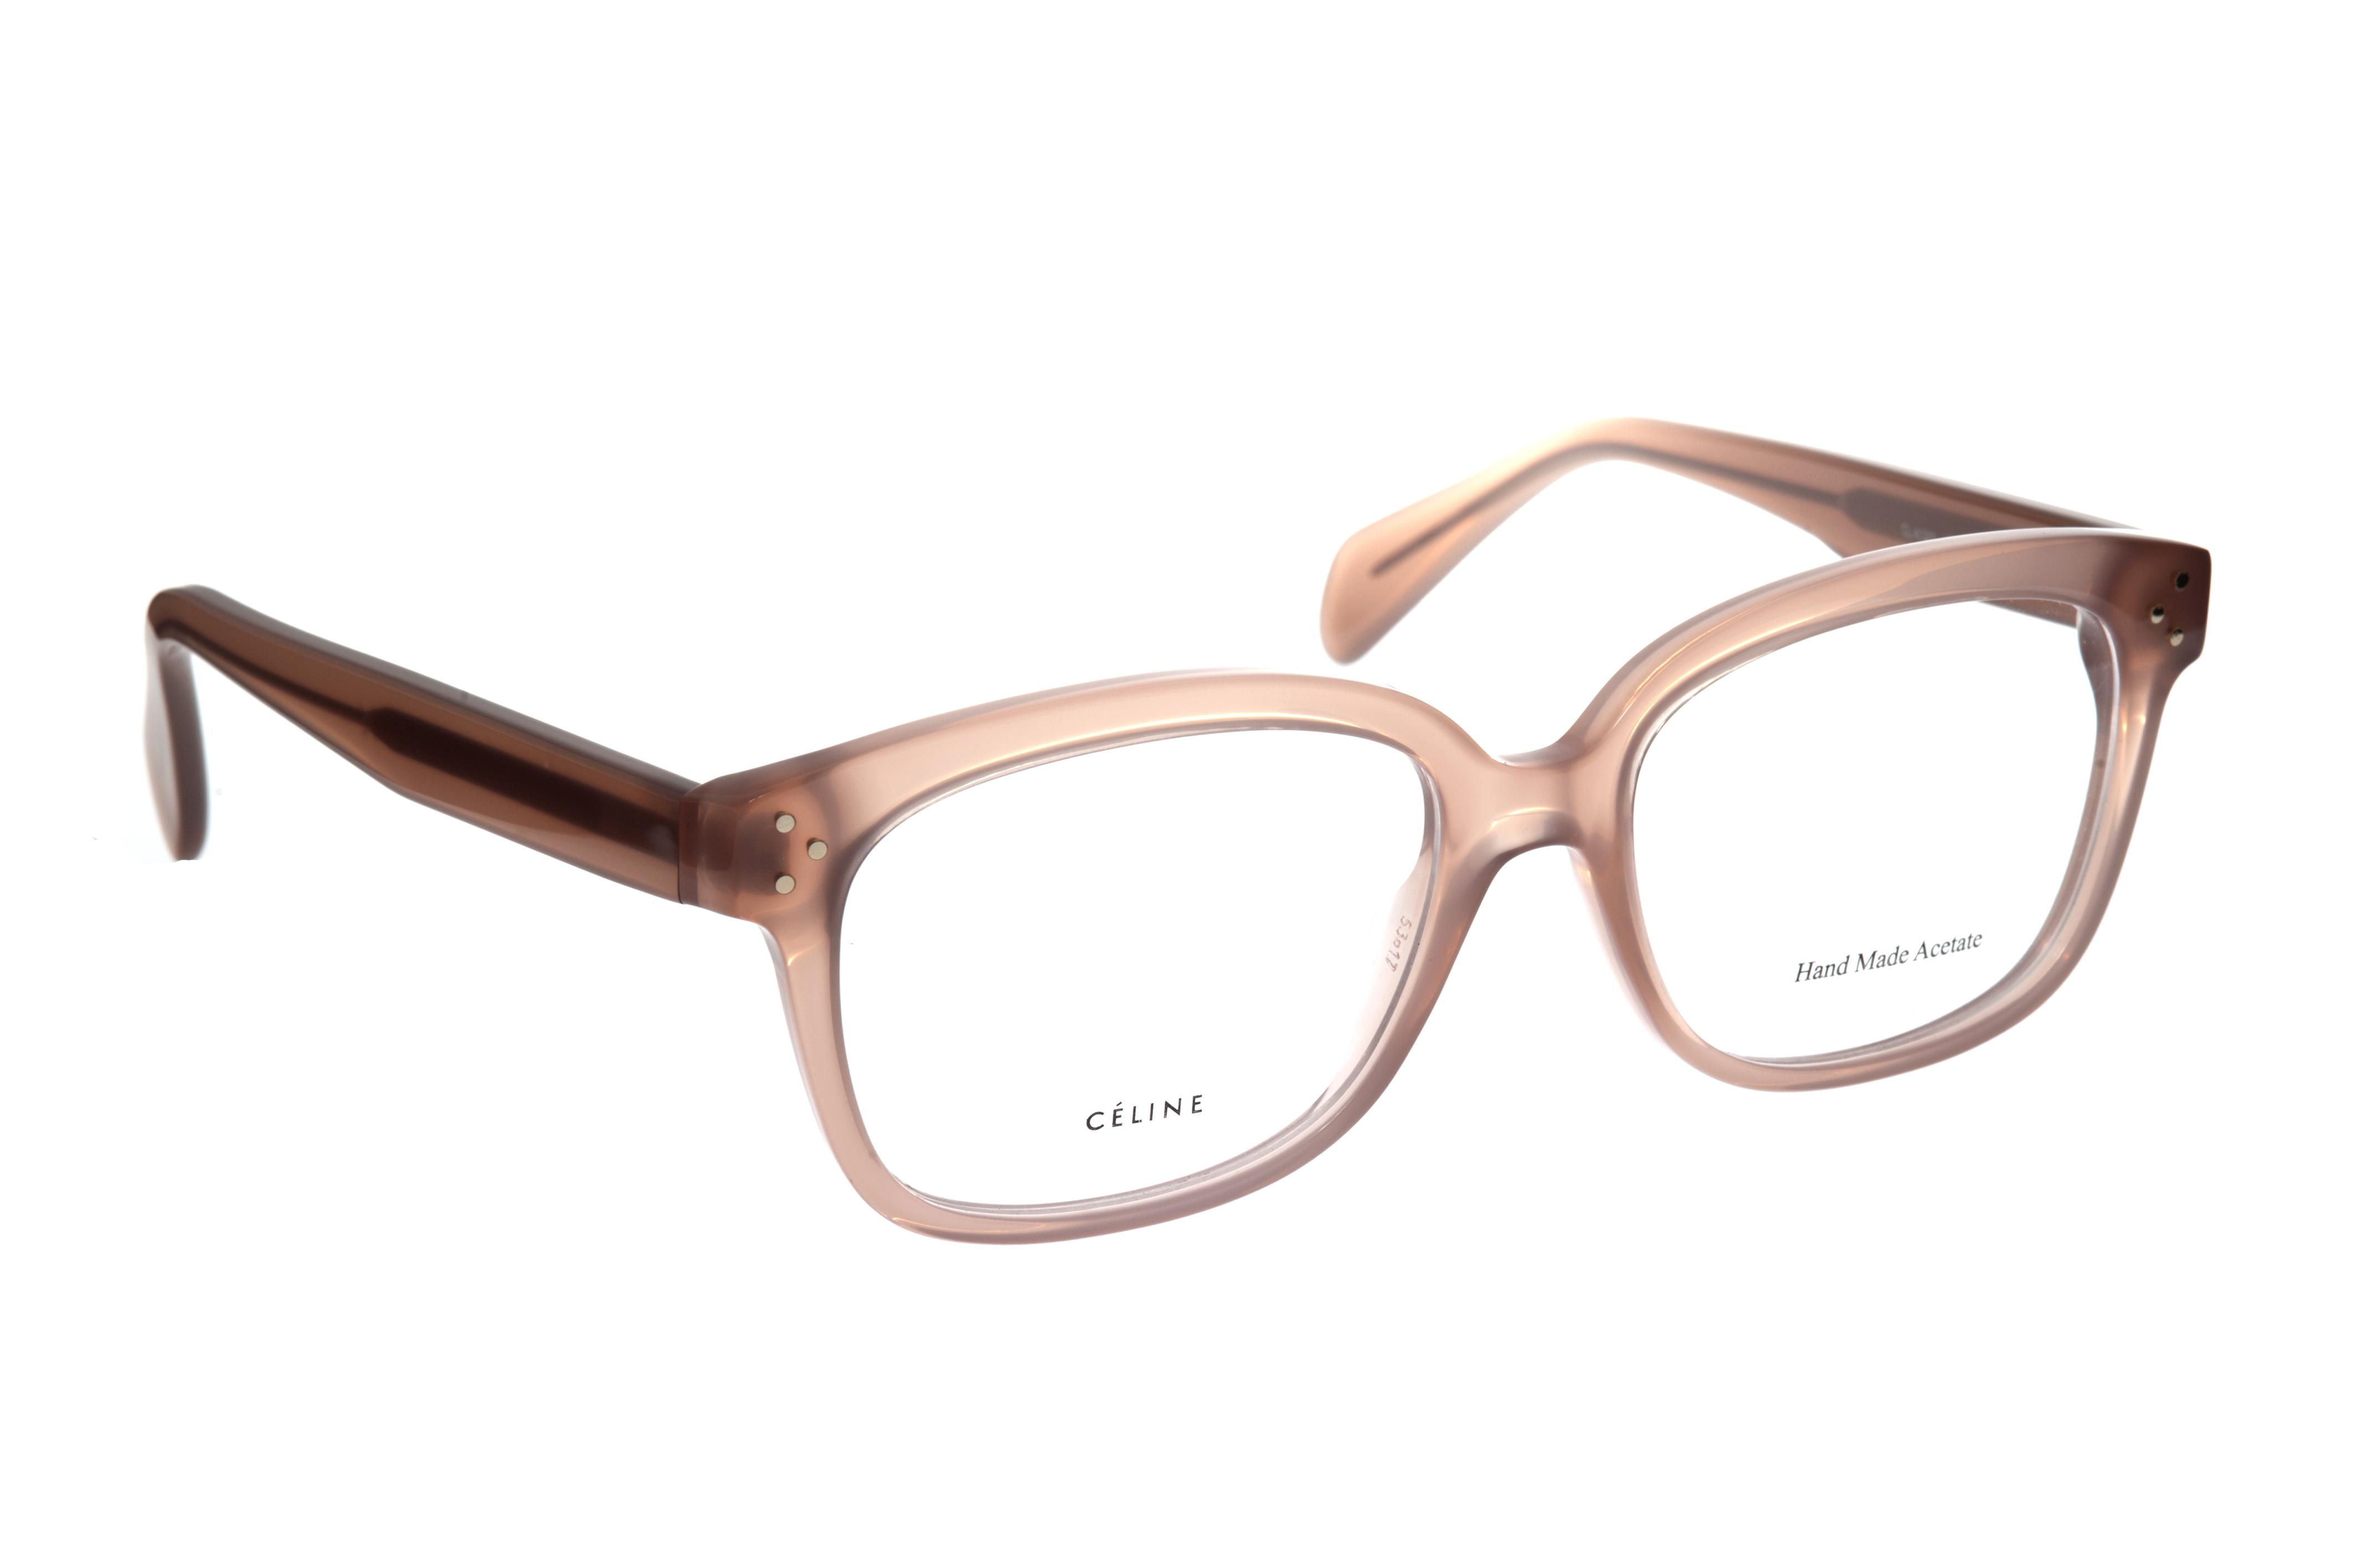 Céline-Brille CL41322 in der Farbe GKY